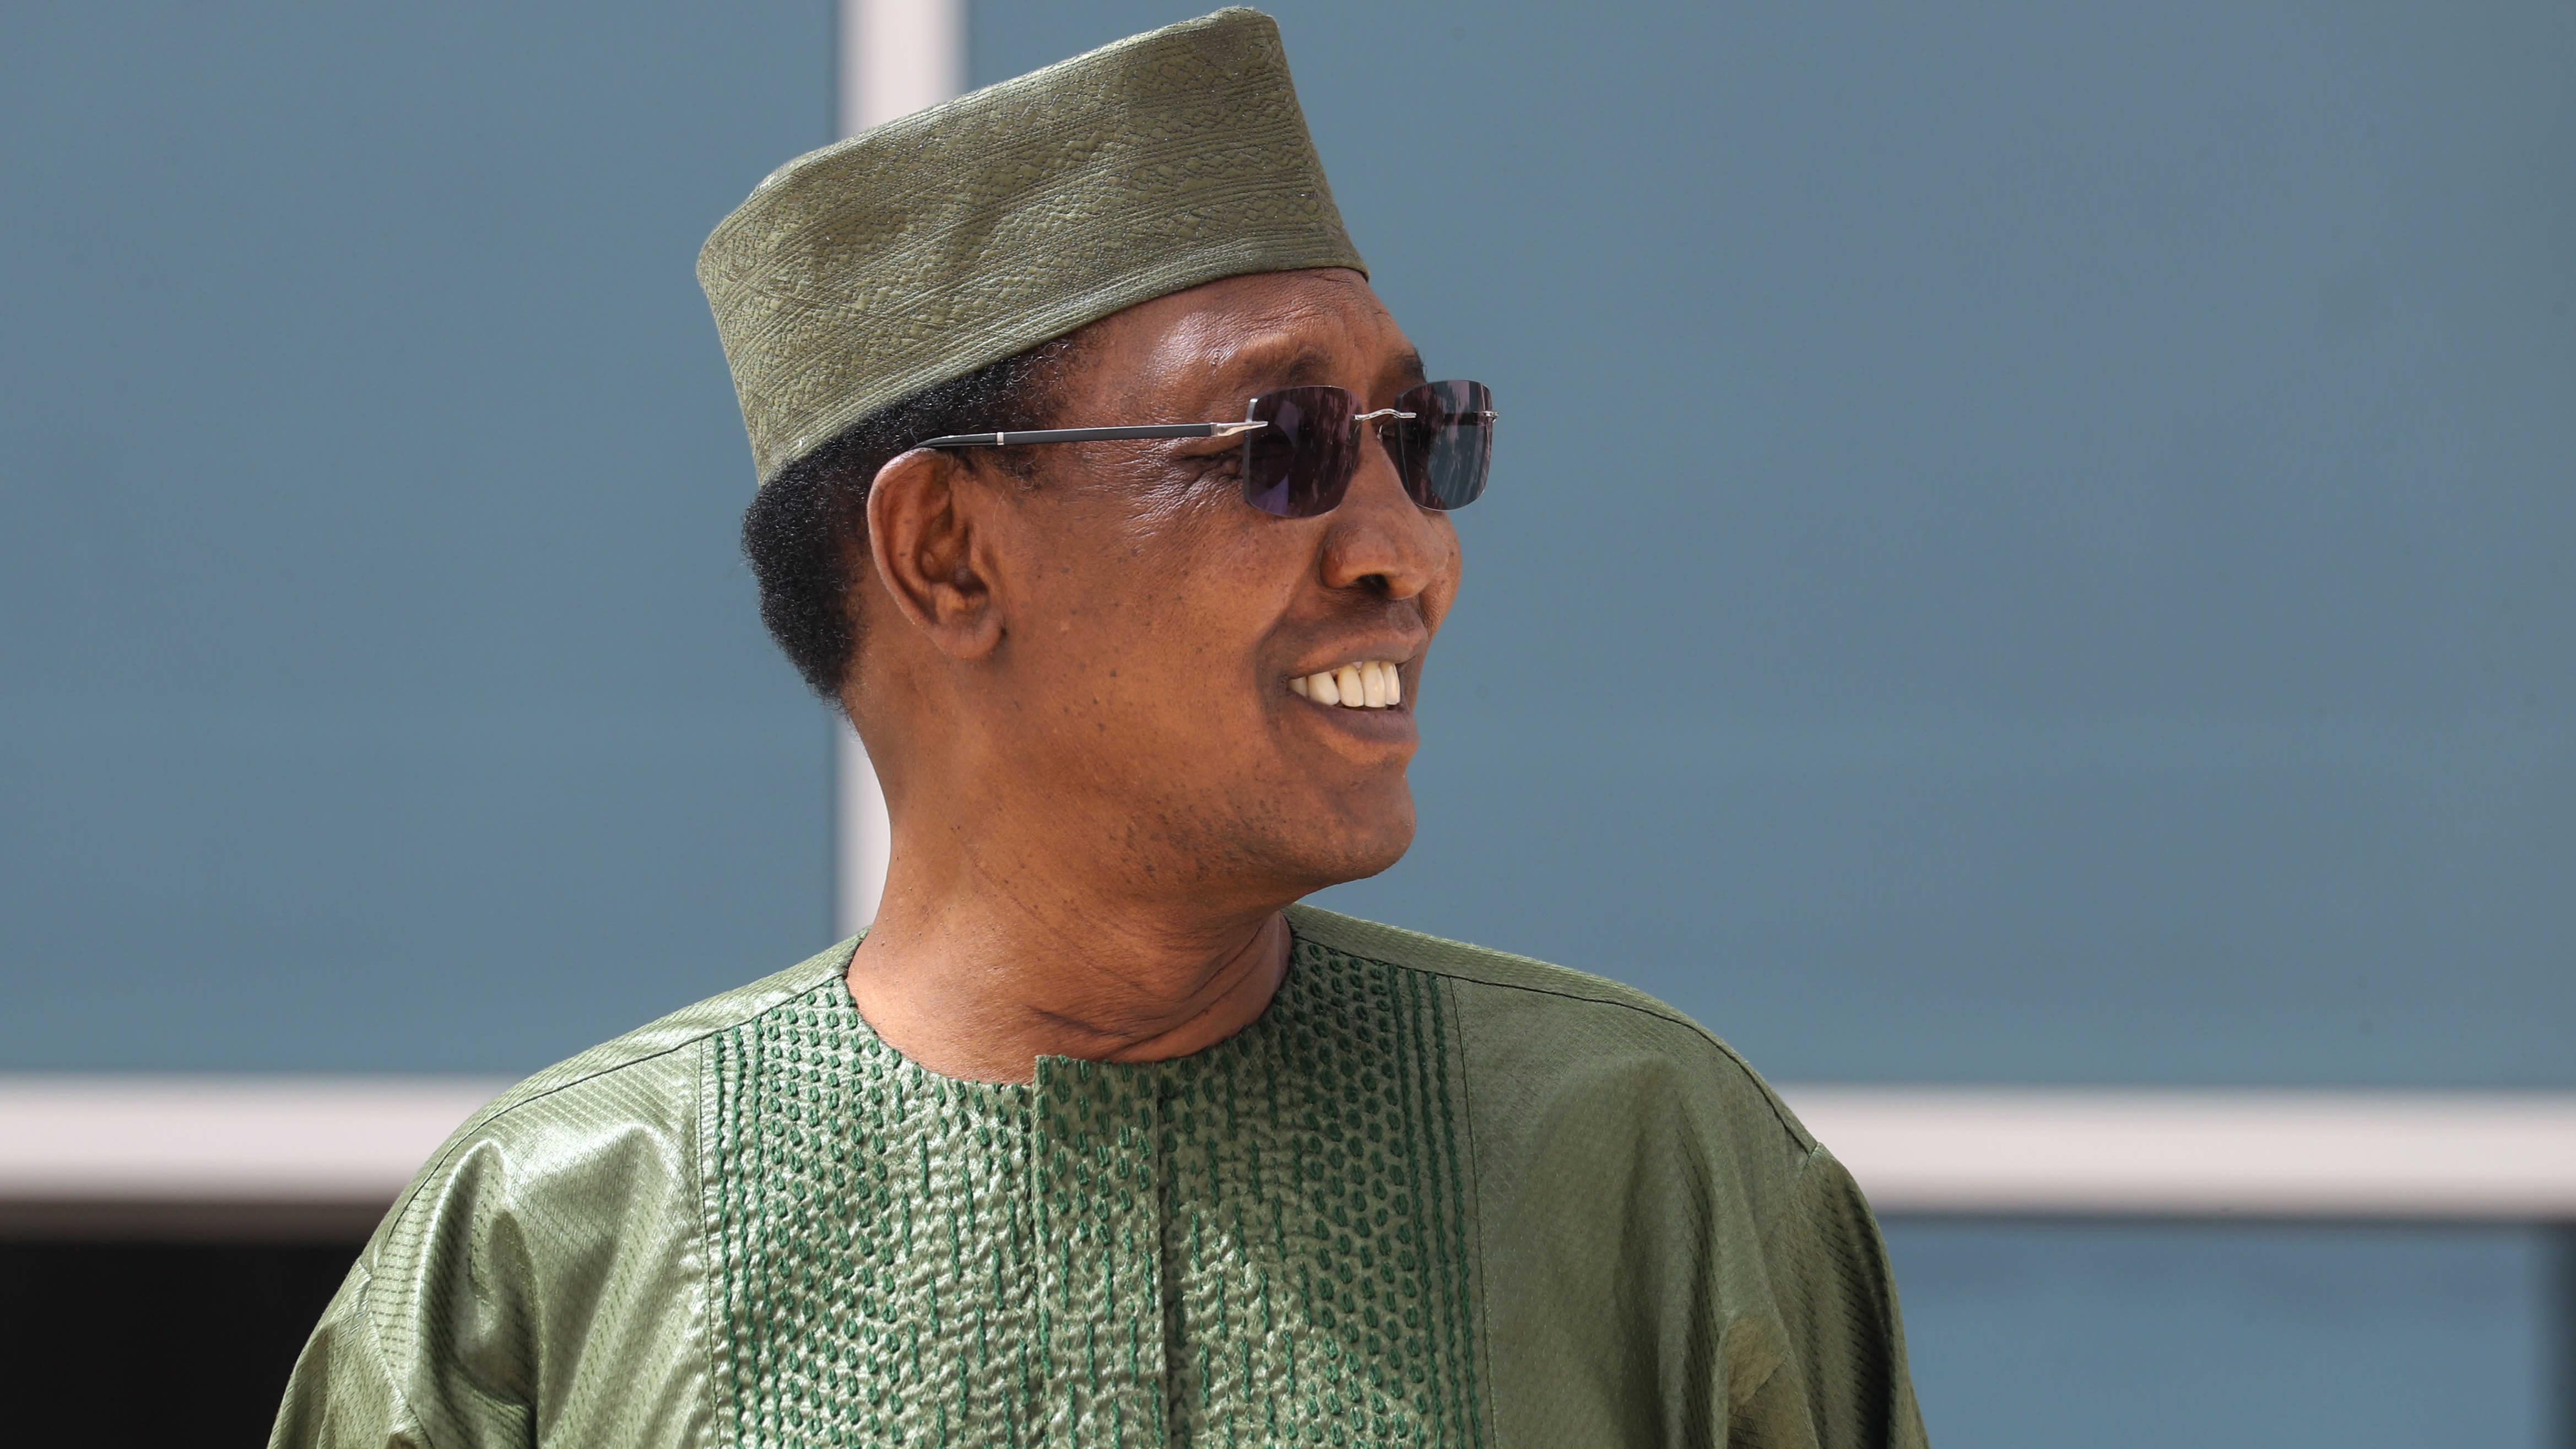 Idriss Deby viherässä paidassa ja laikissa sekä aurinkolaseissa